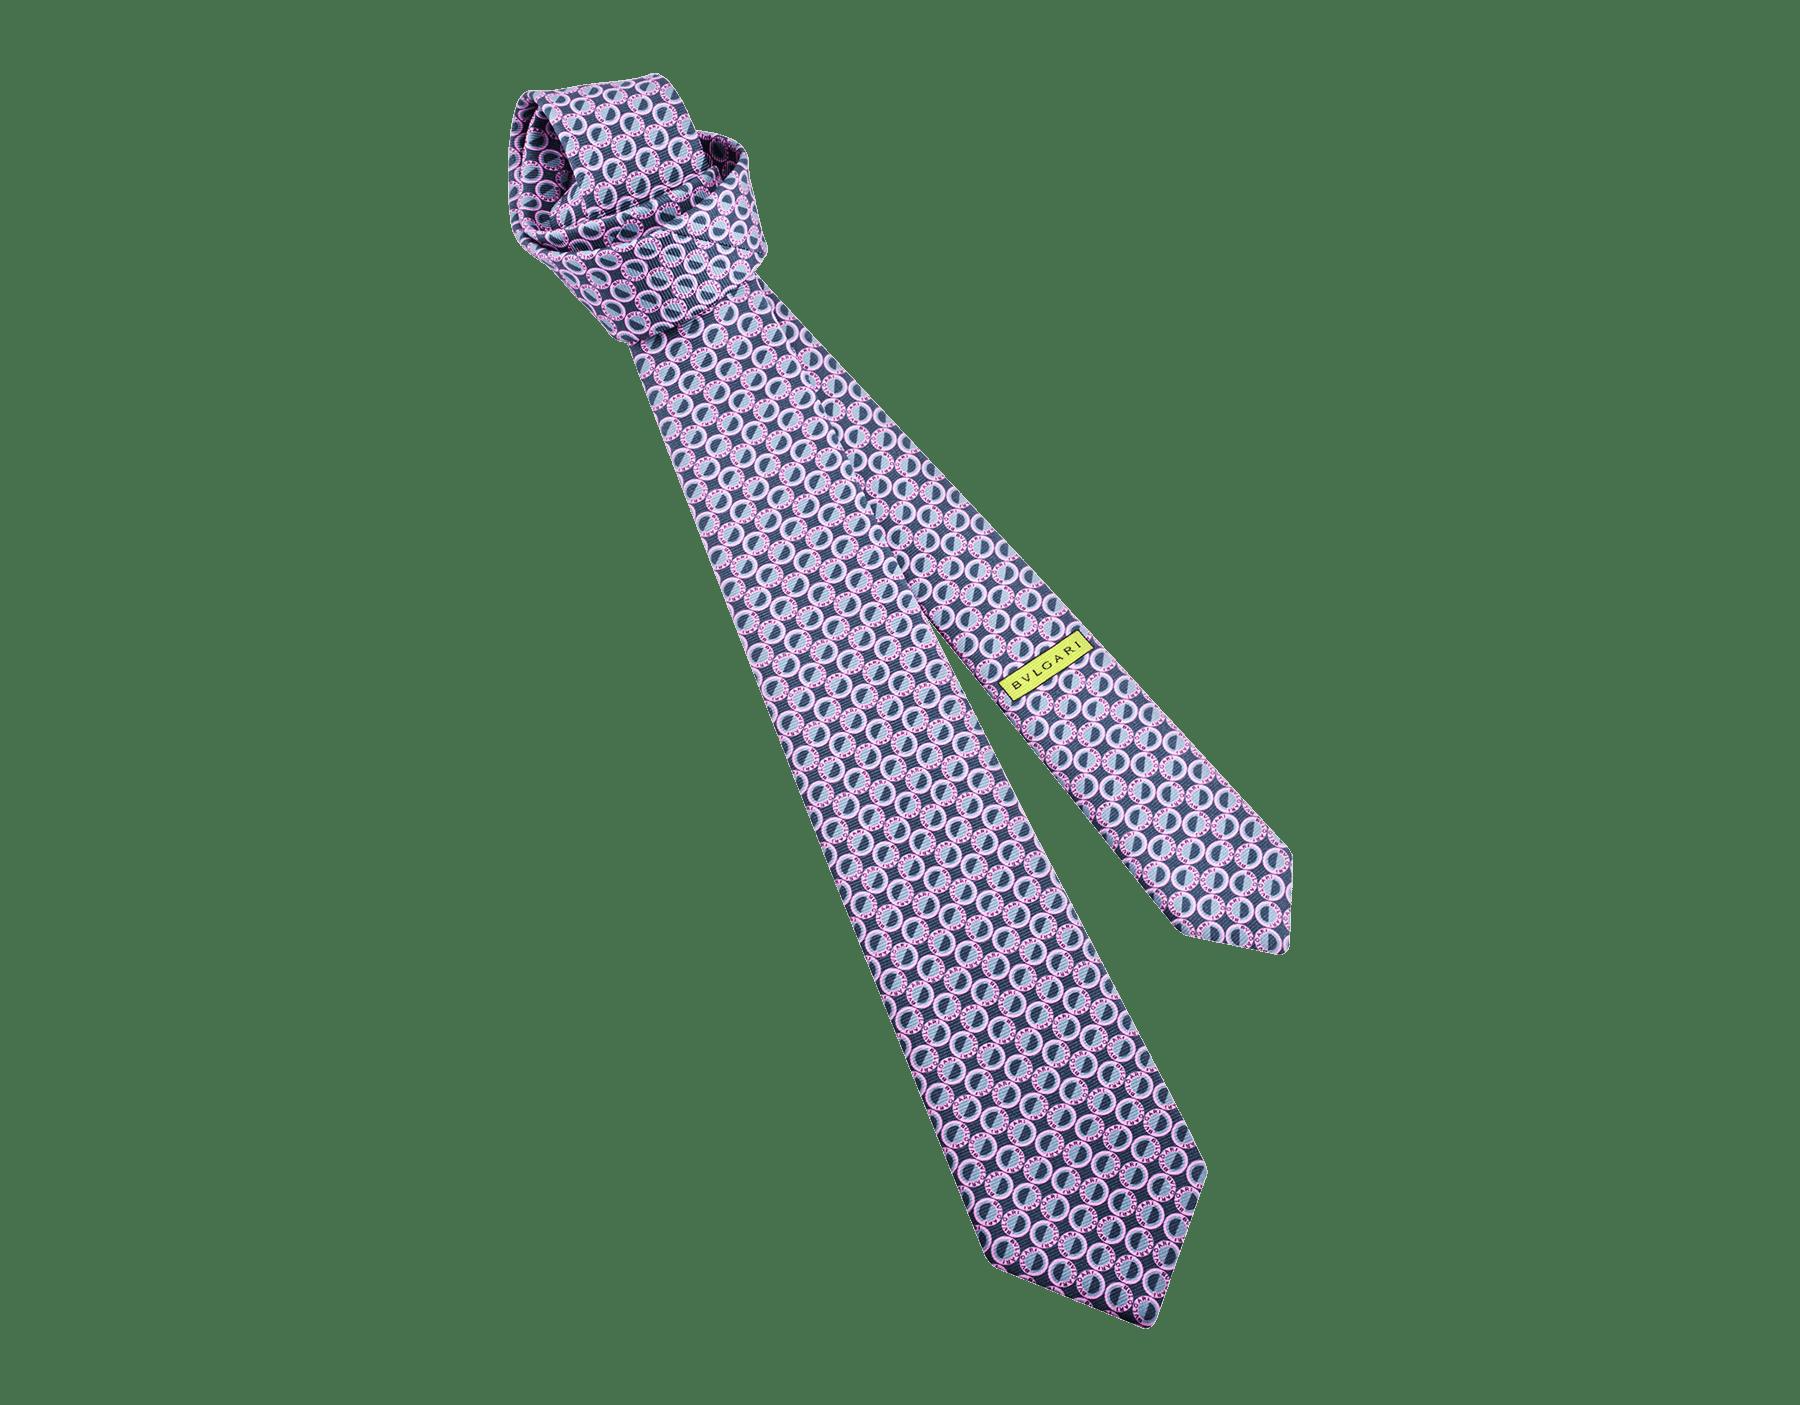 Cravate sept plis Logo Moonphase anthracite en fine serge de soie imprimée. 243613 image 1